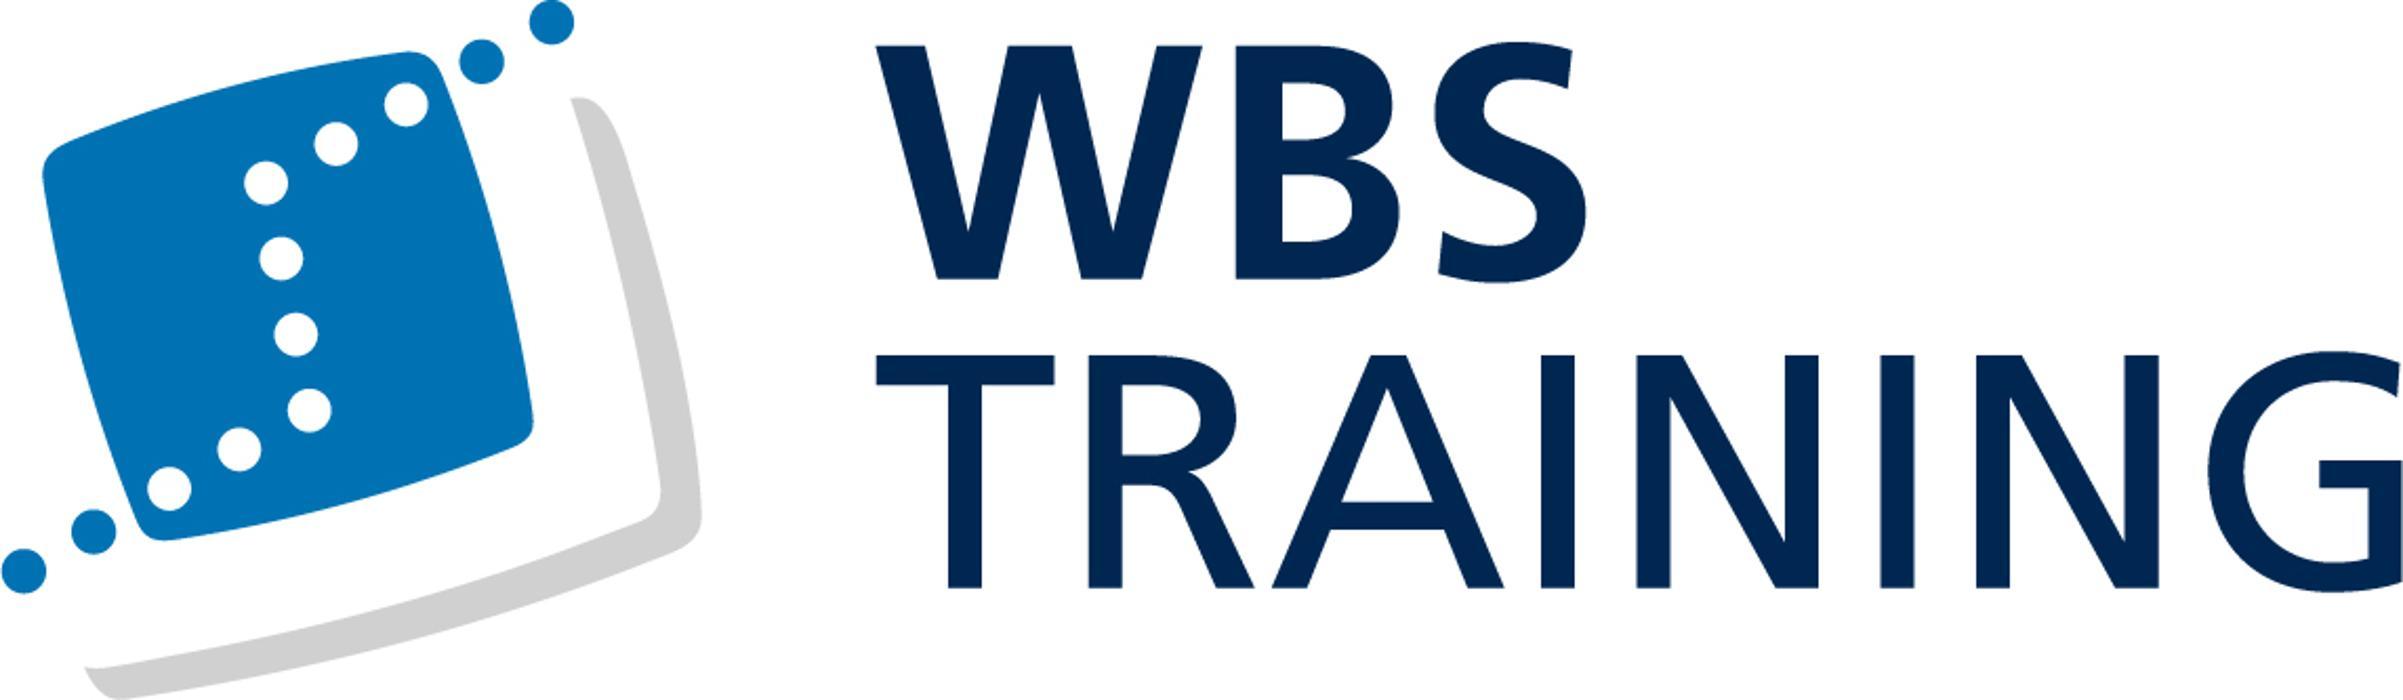 Bild zu WBS TRAINING AG in Weißenburg in Bayern